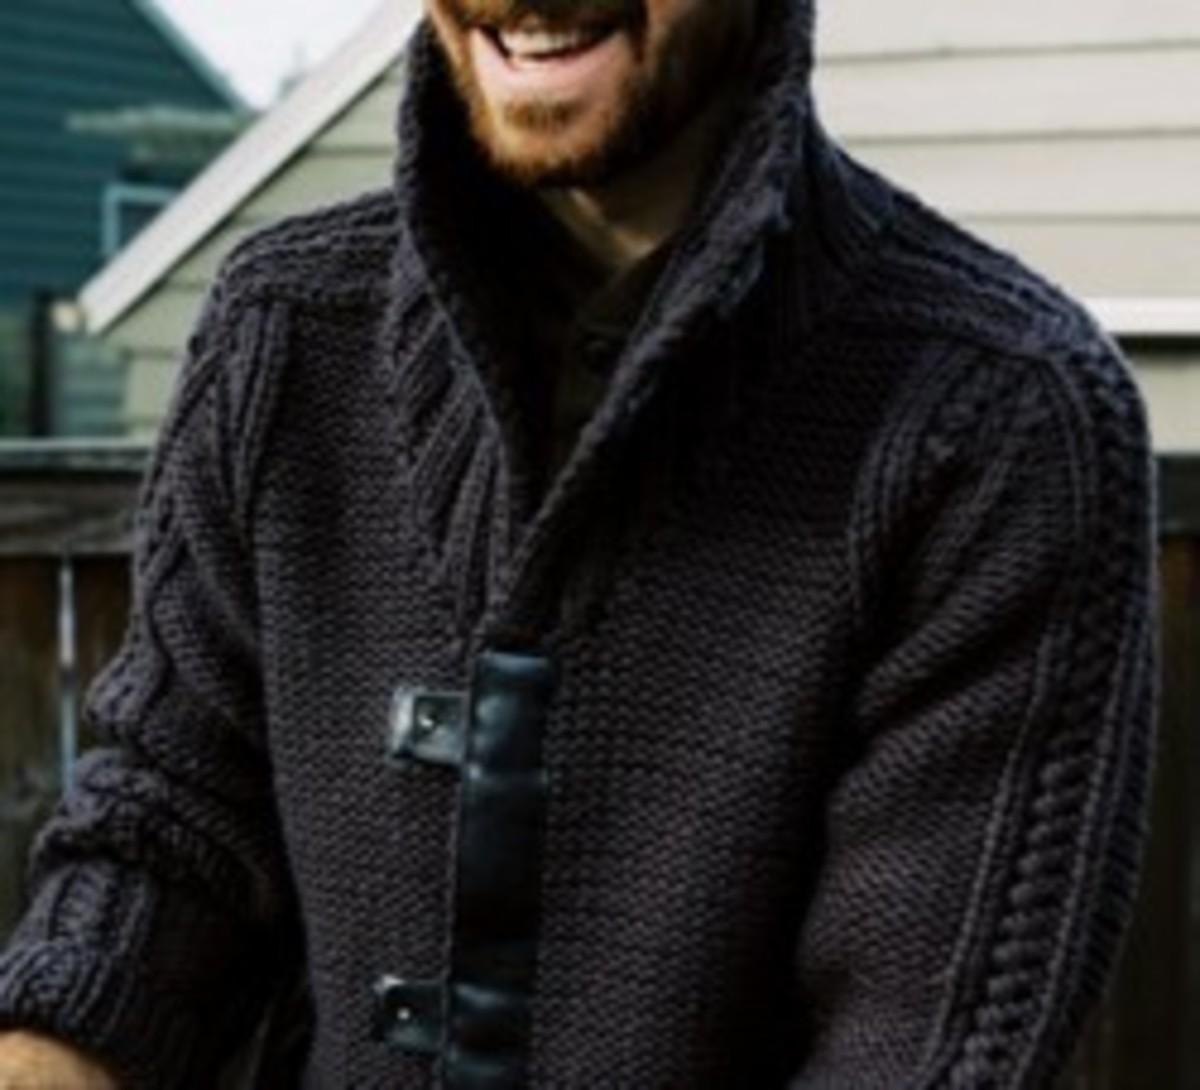 nausweater